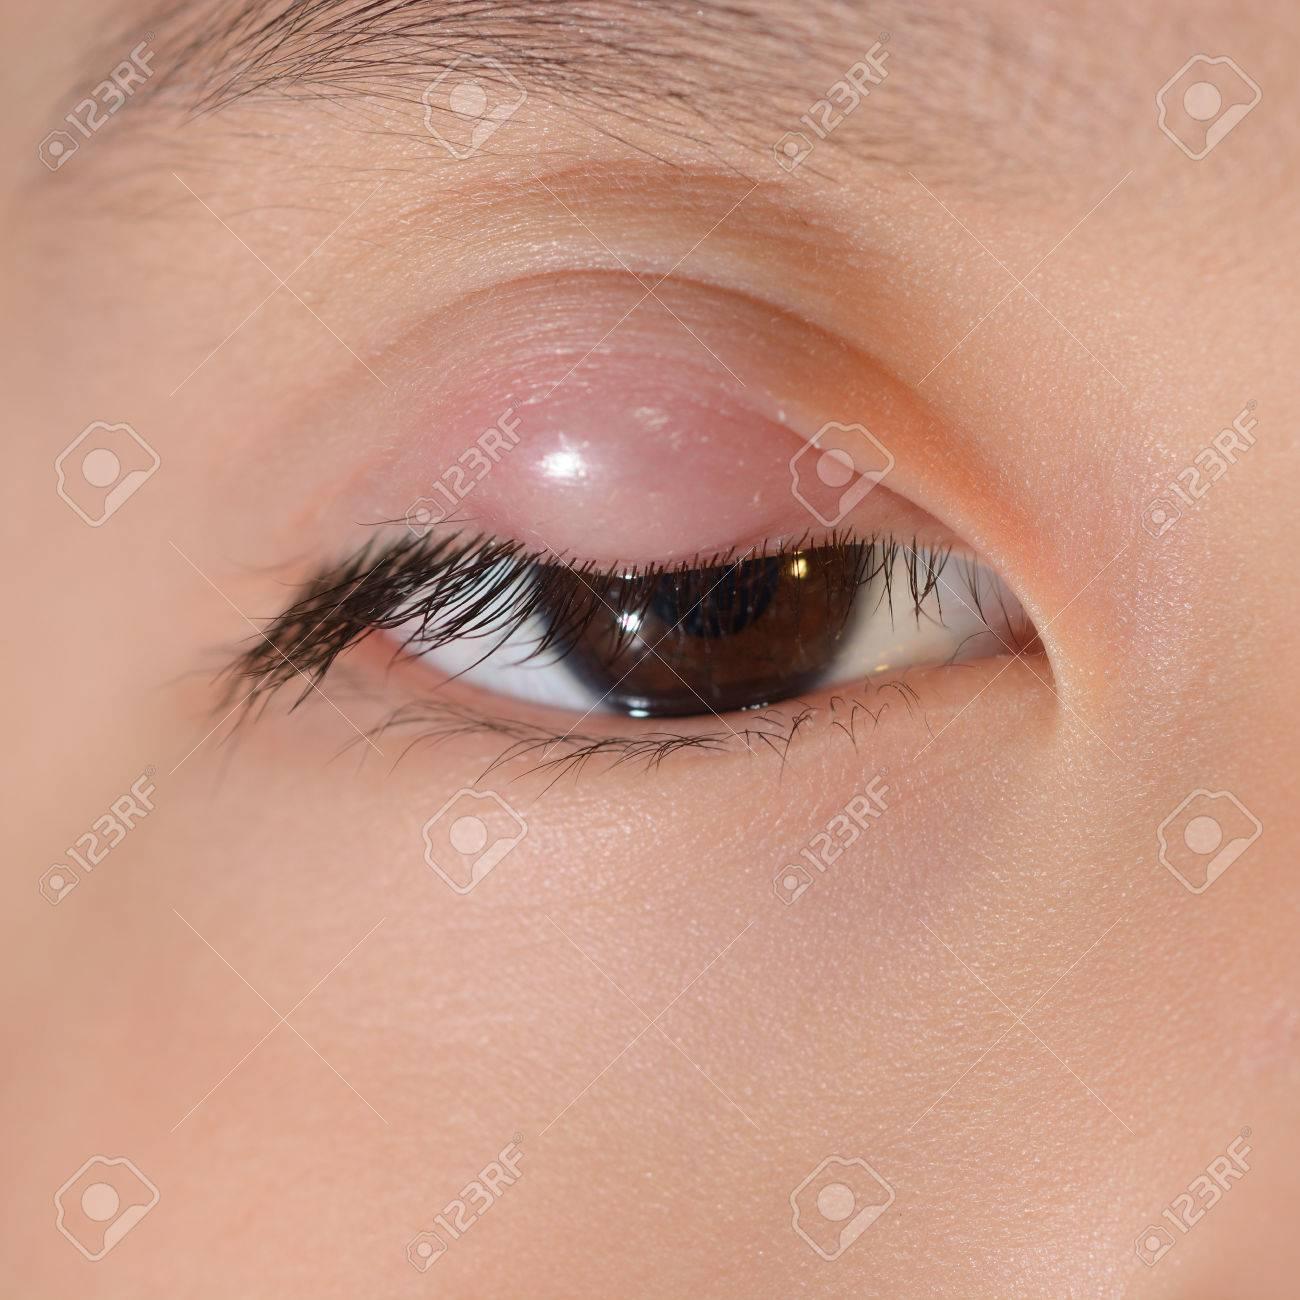 dolor en el parpado superior del ojo derecho